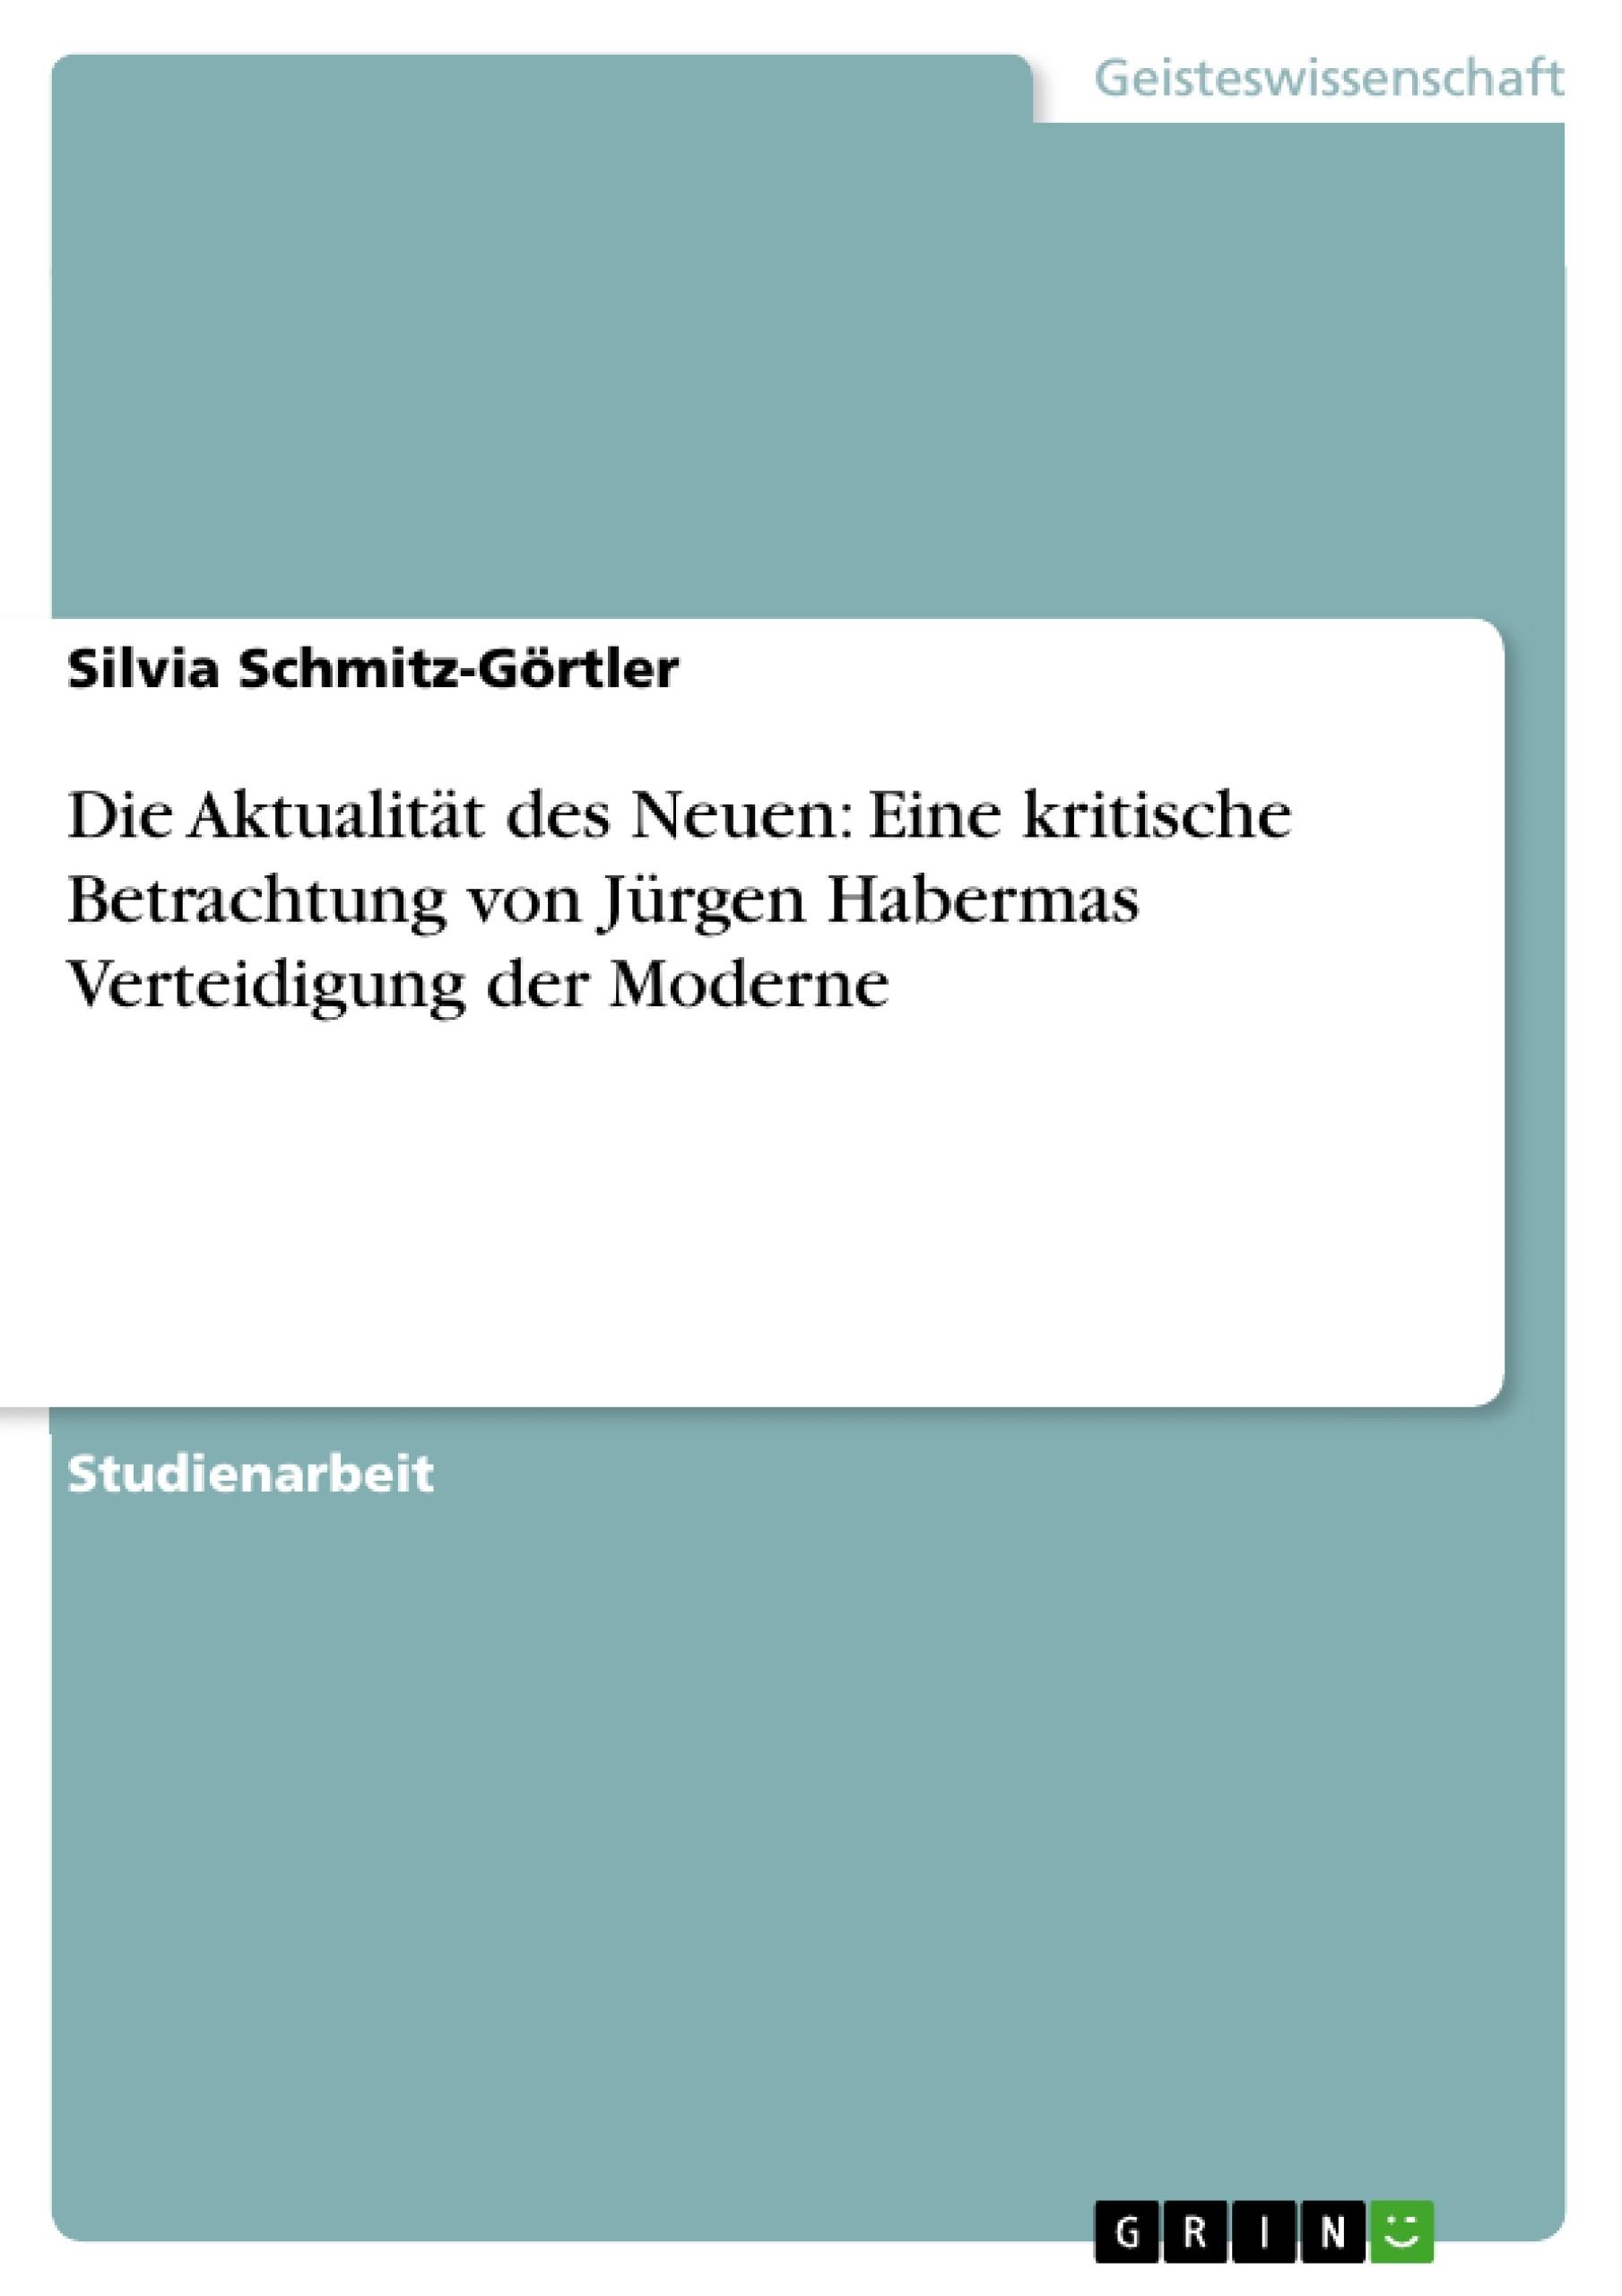 Titel: Die Aktualität des Neuen: Eine kritische Betrachtung von Jürgen Habermas Verteidigung der Moderne